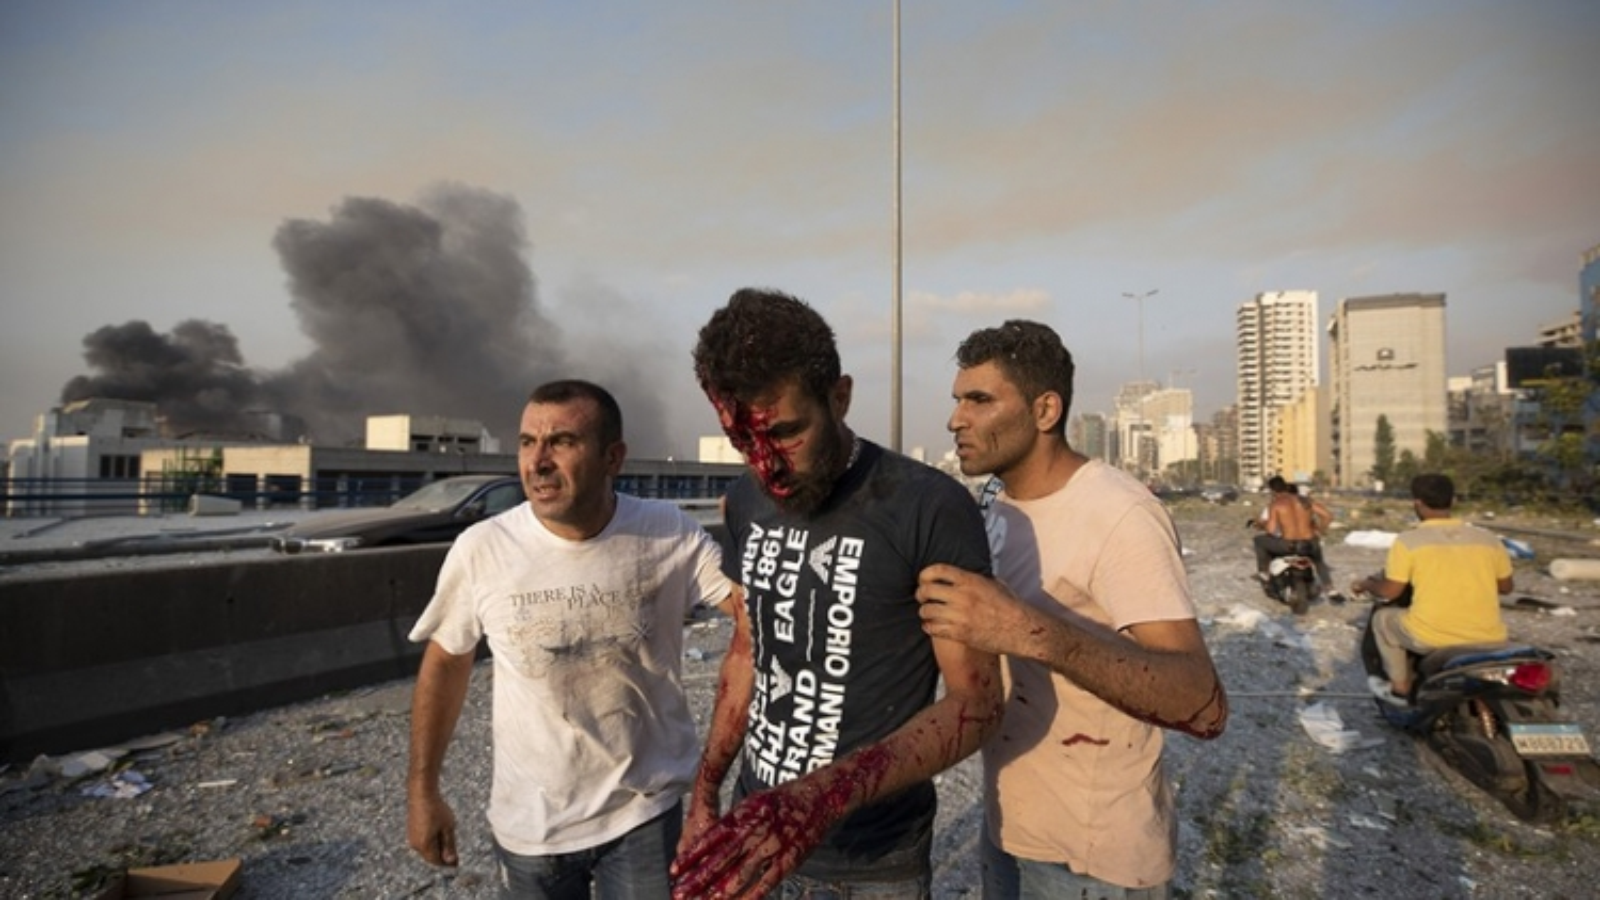 Cộng đồng quốc tế lên tiếng hỗ trợ Lebanon sau vụ nổ lớn ở Beirut